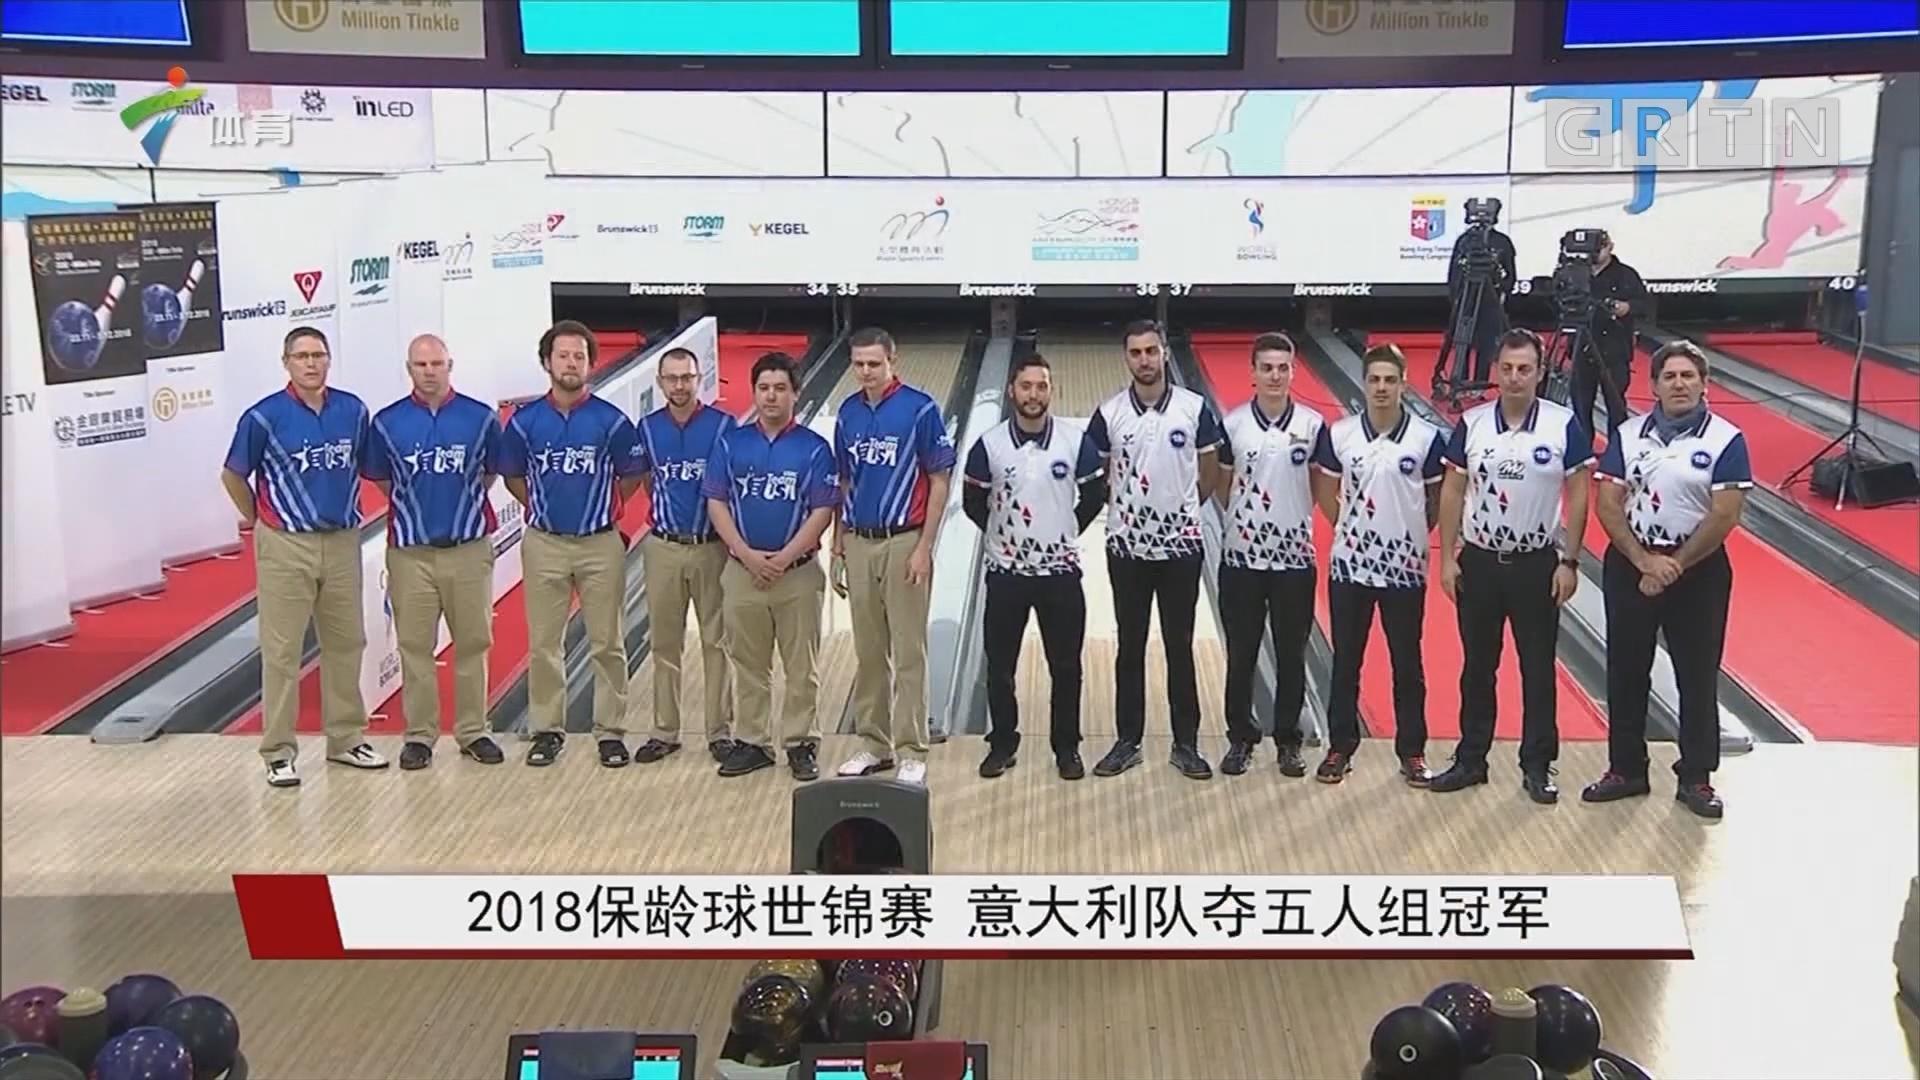 2018保龄球世锦赛 意大利队夺五人组冠军